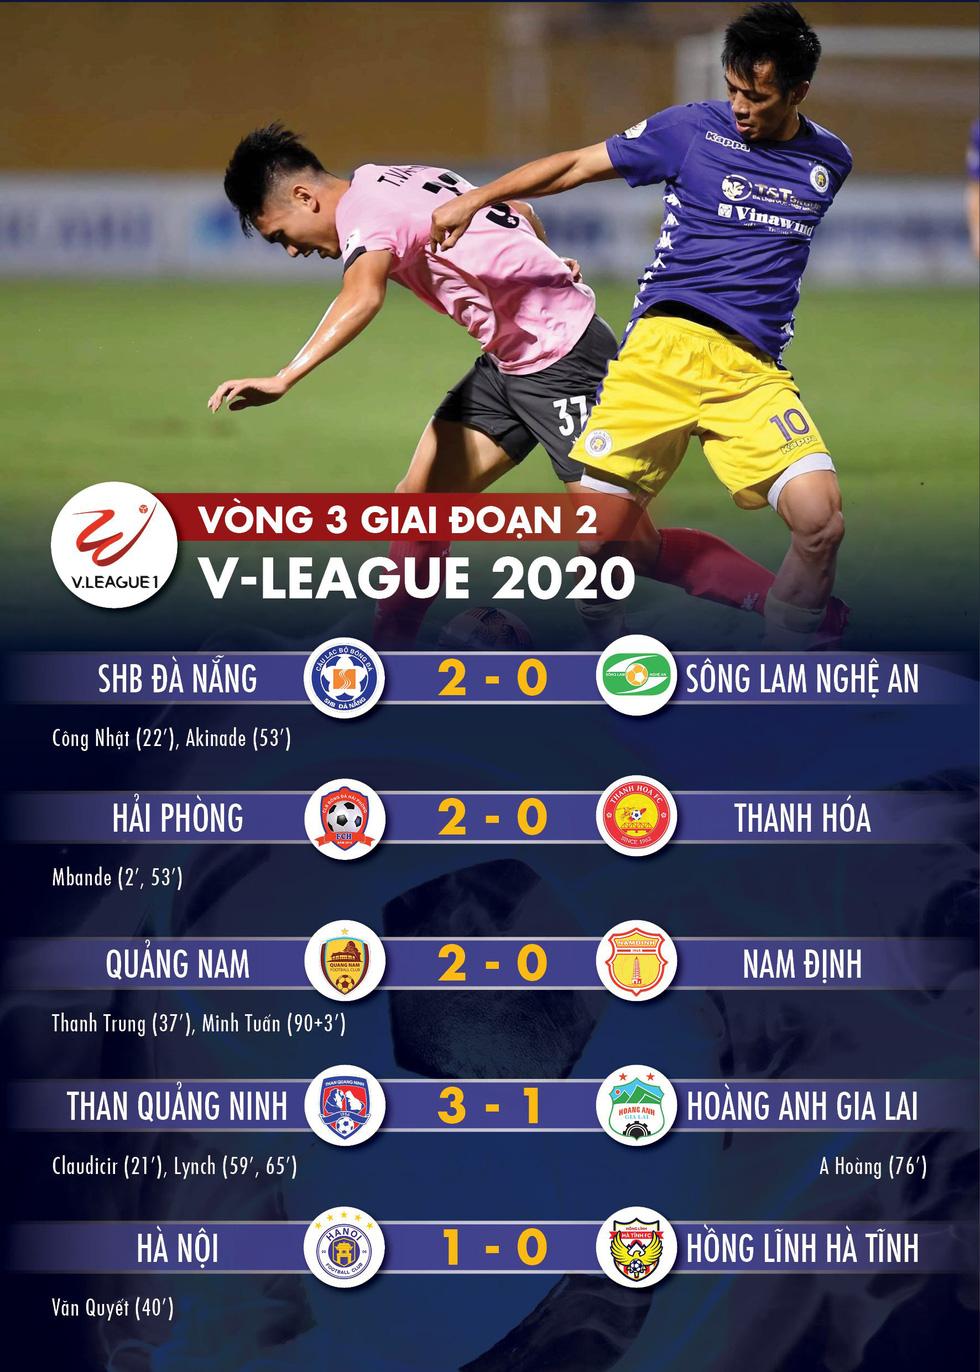 Kết quả, bảng xếp hạng V-League 20-10: Quảng Nam thắng Nam Định, HAGL lại thua - Ảnh 1.